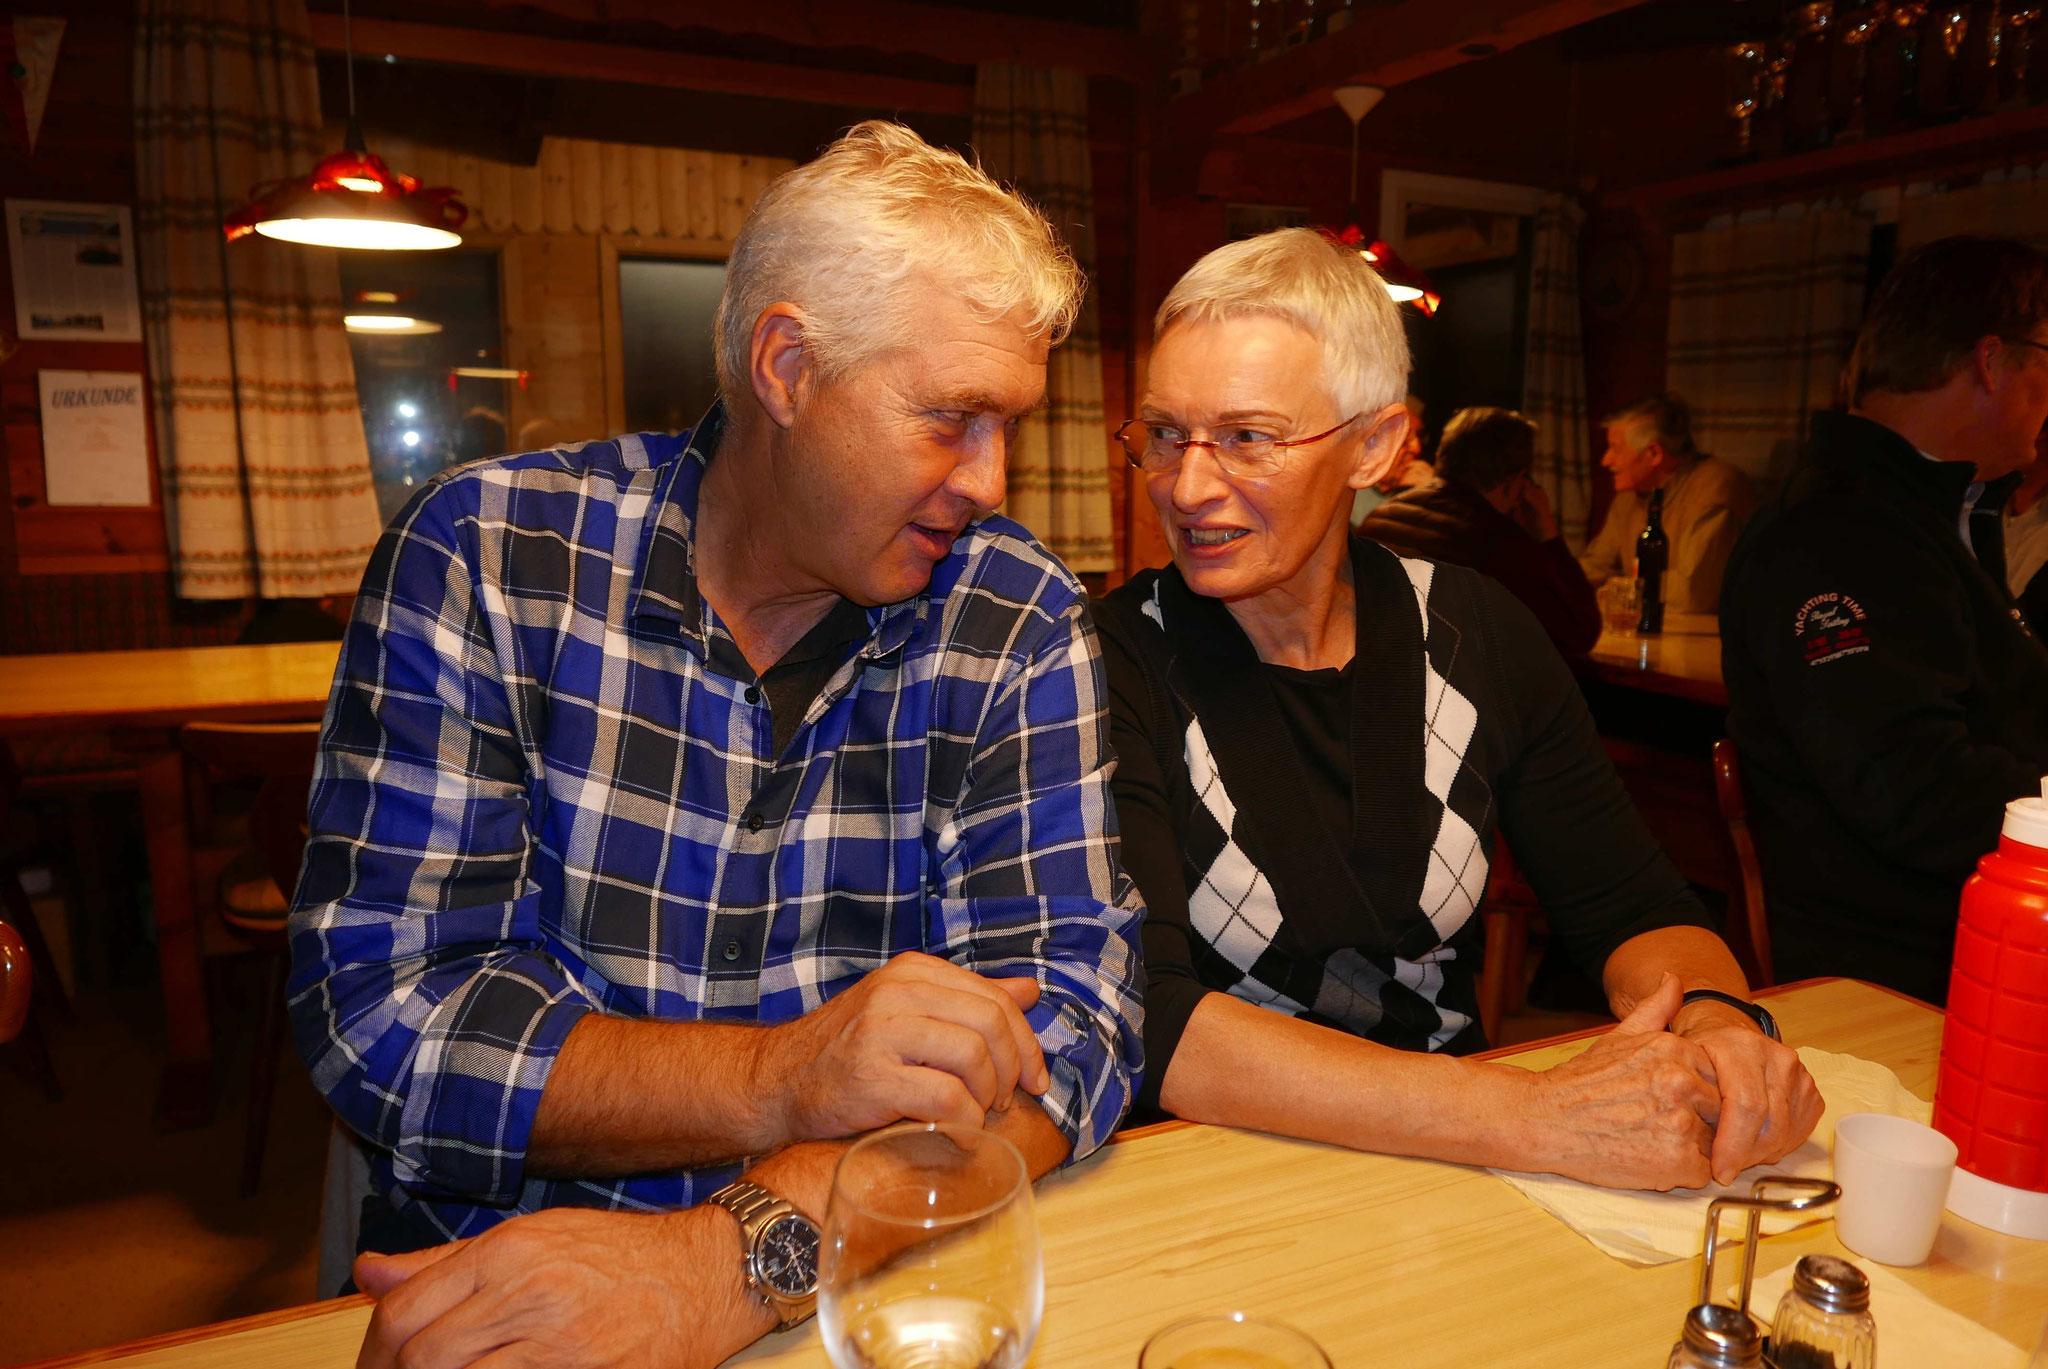 Hannes und Feili fachsimpeln